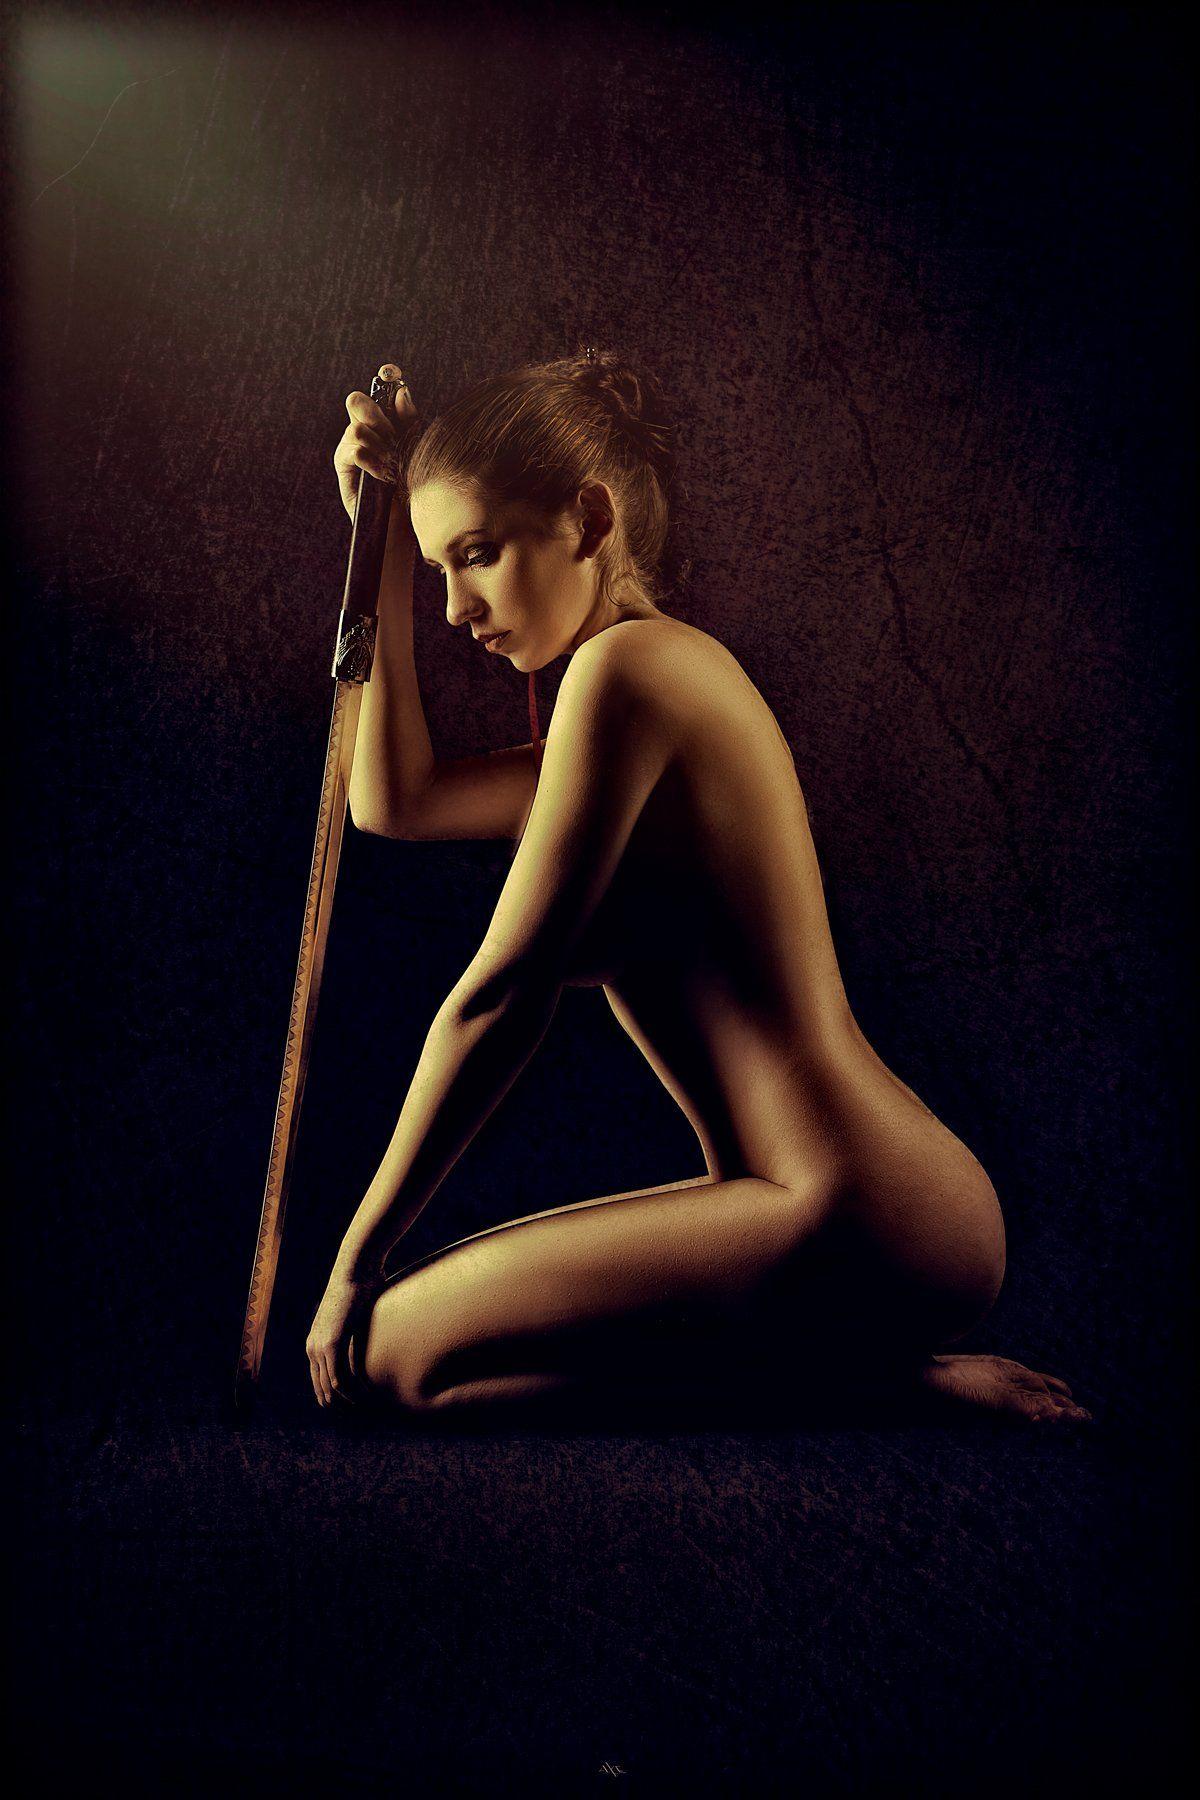 Nude, Studio, Sword, Woman, Руслан Болгов (Axe)